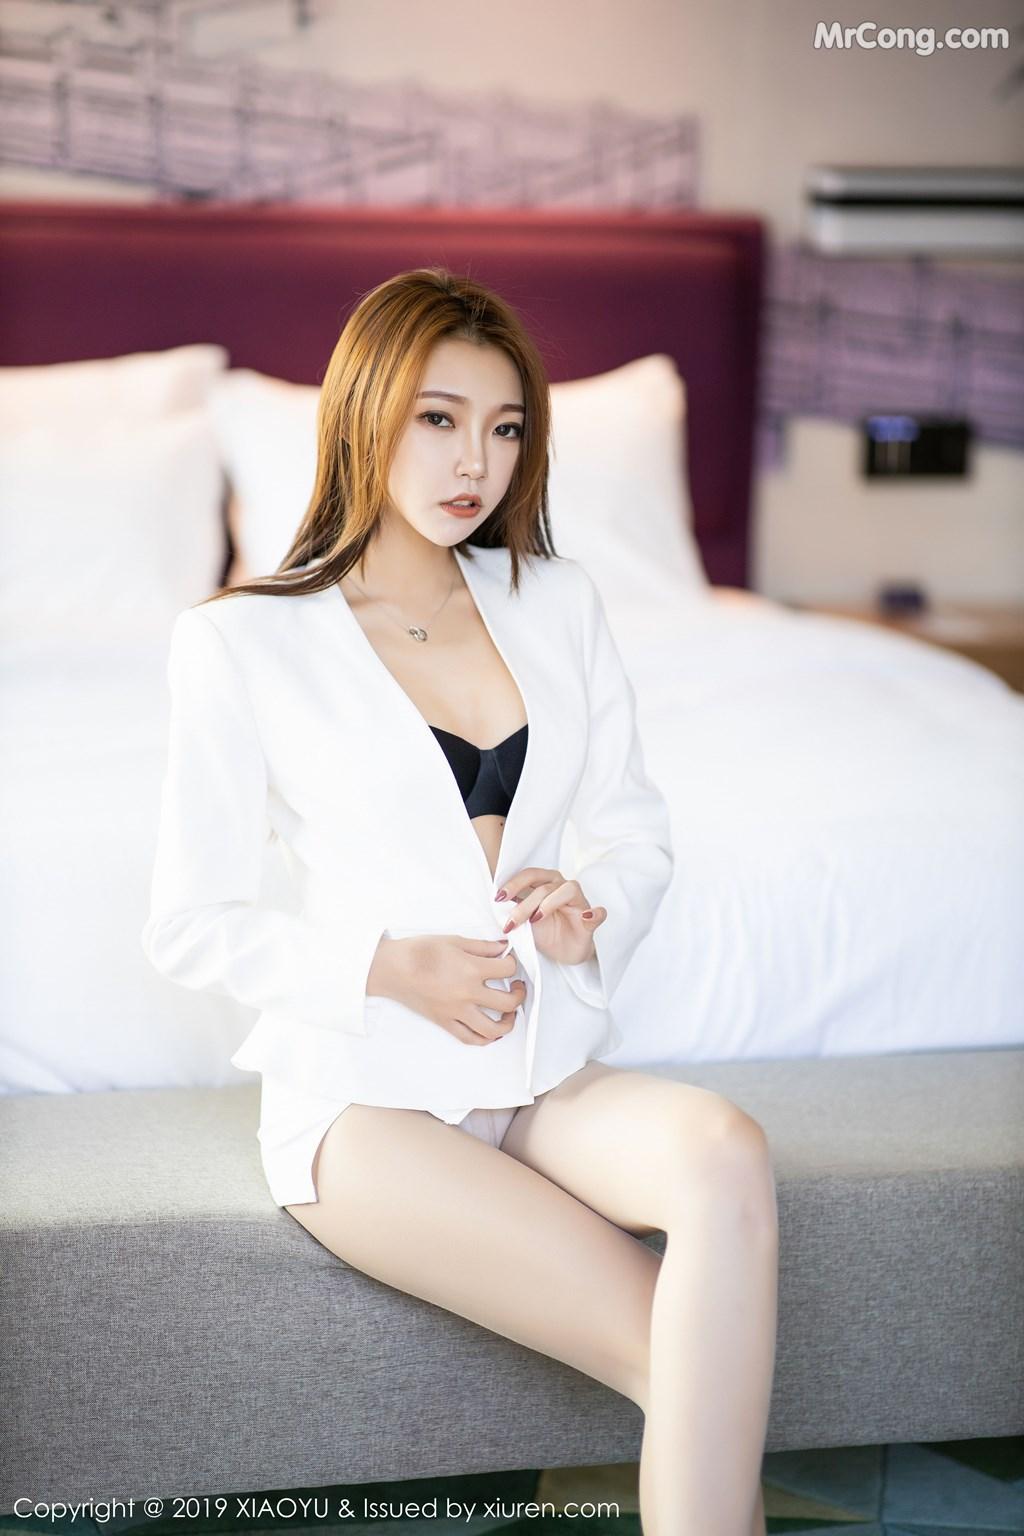 Image XiaoYu-Vol.207-LRIS-Feng-Mu-Mu-MrCong.com-008 in post XiaoYu Vol.207: LRIS (冯木木) (109 ảnh)